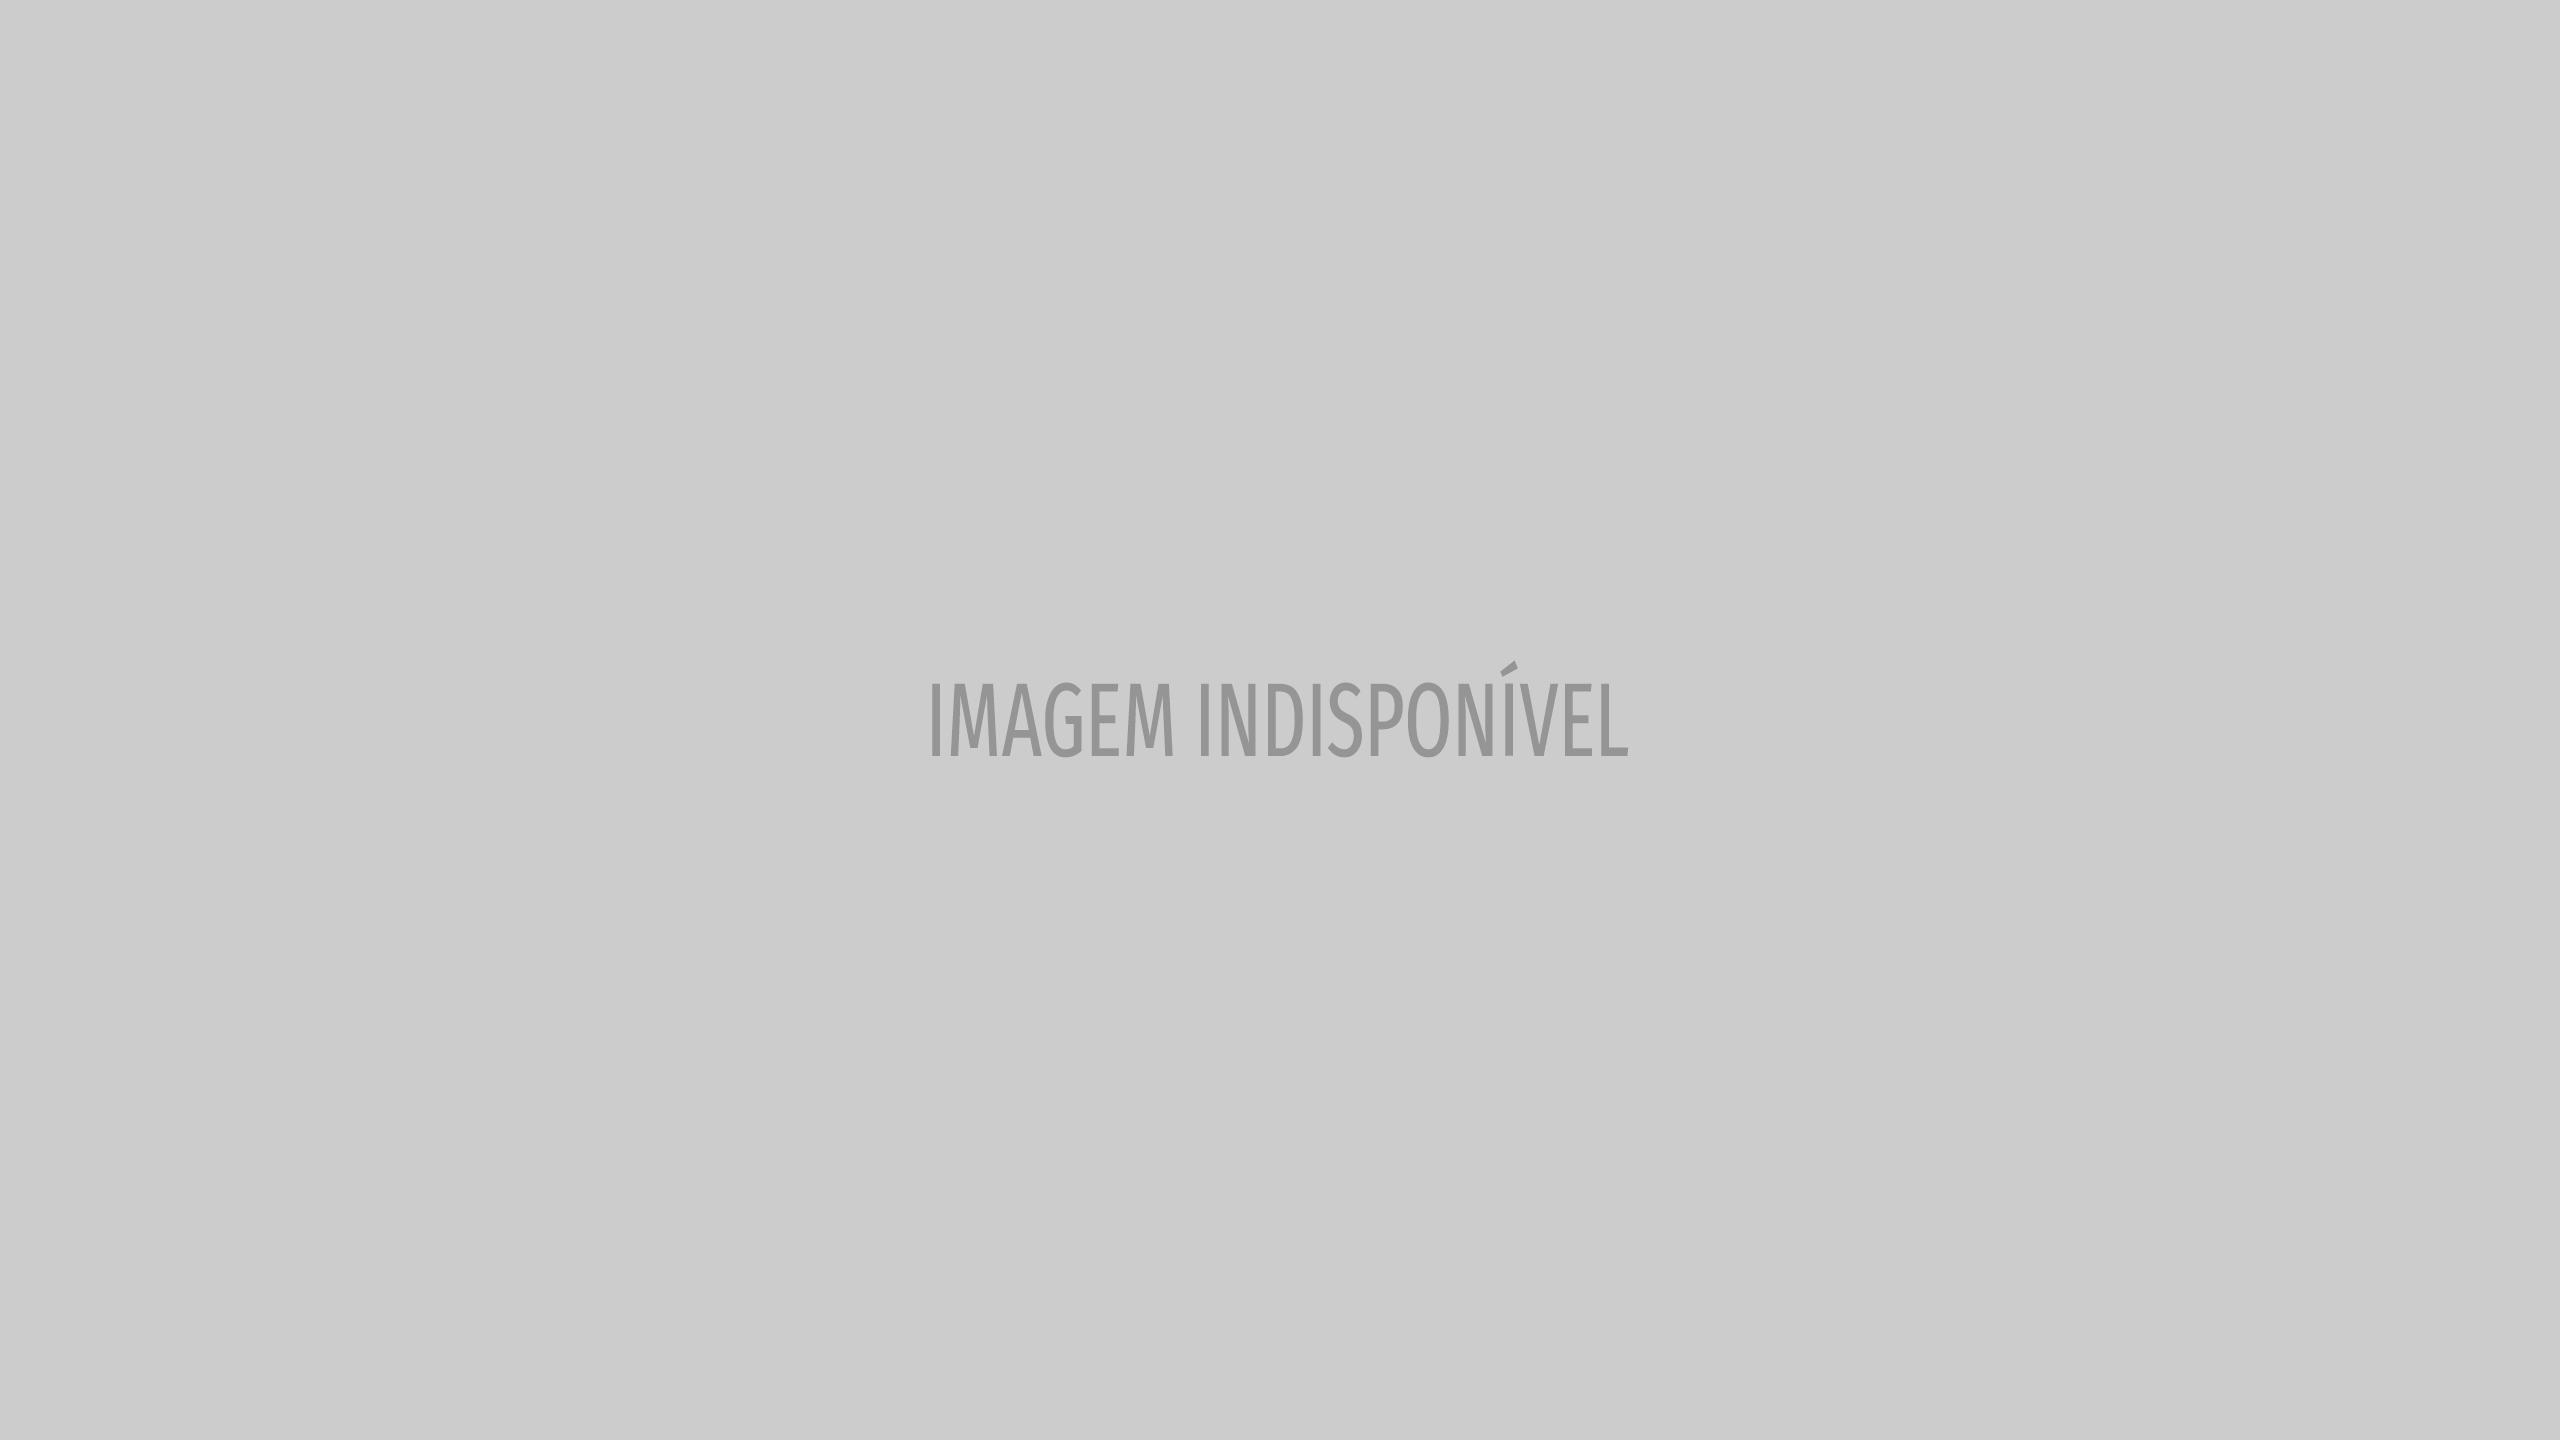 Os famosos que já formaram um casal no passado